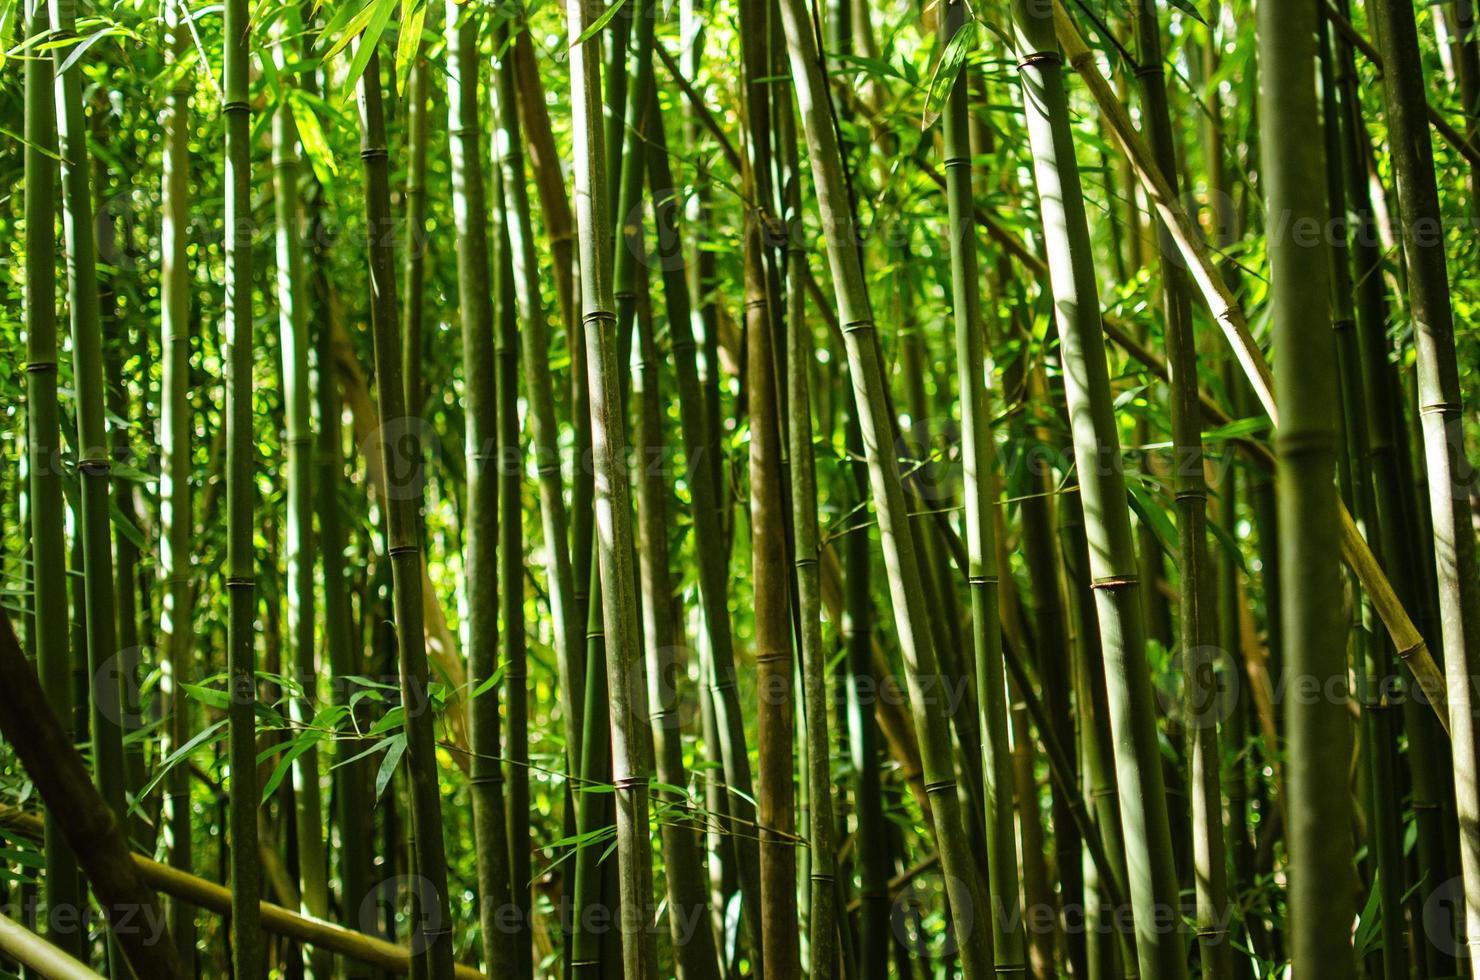 bambu närbild foto